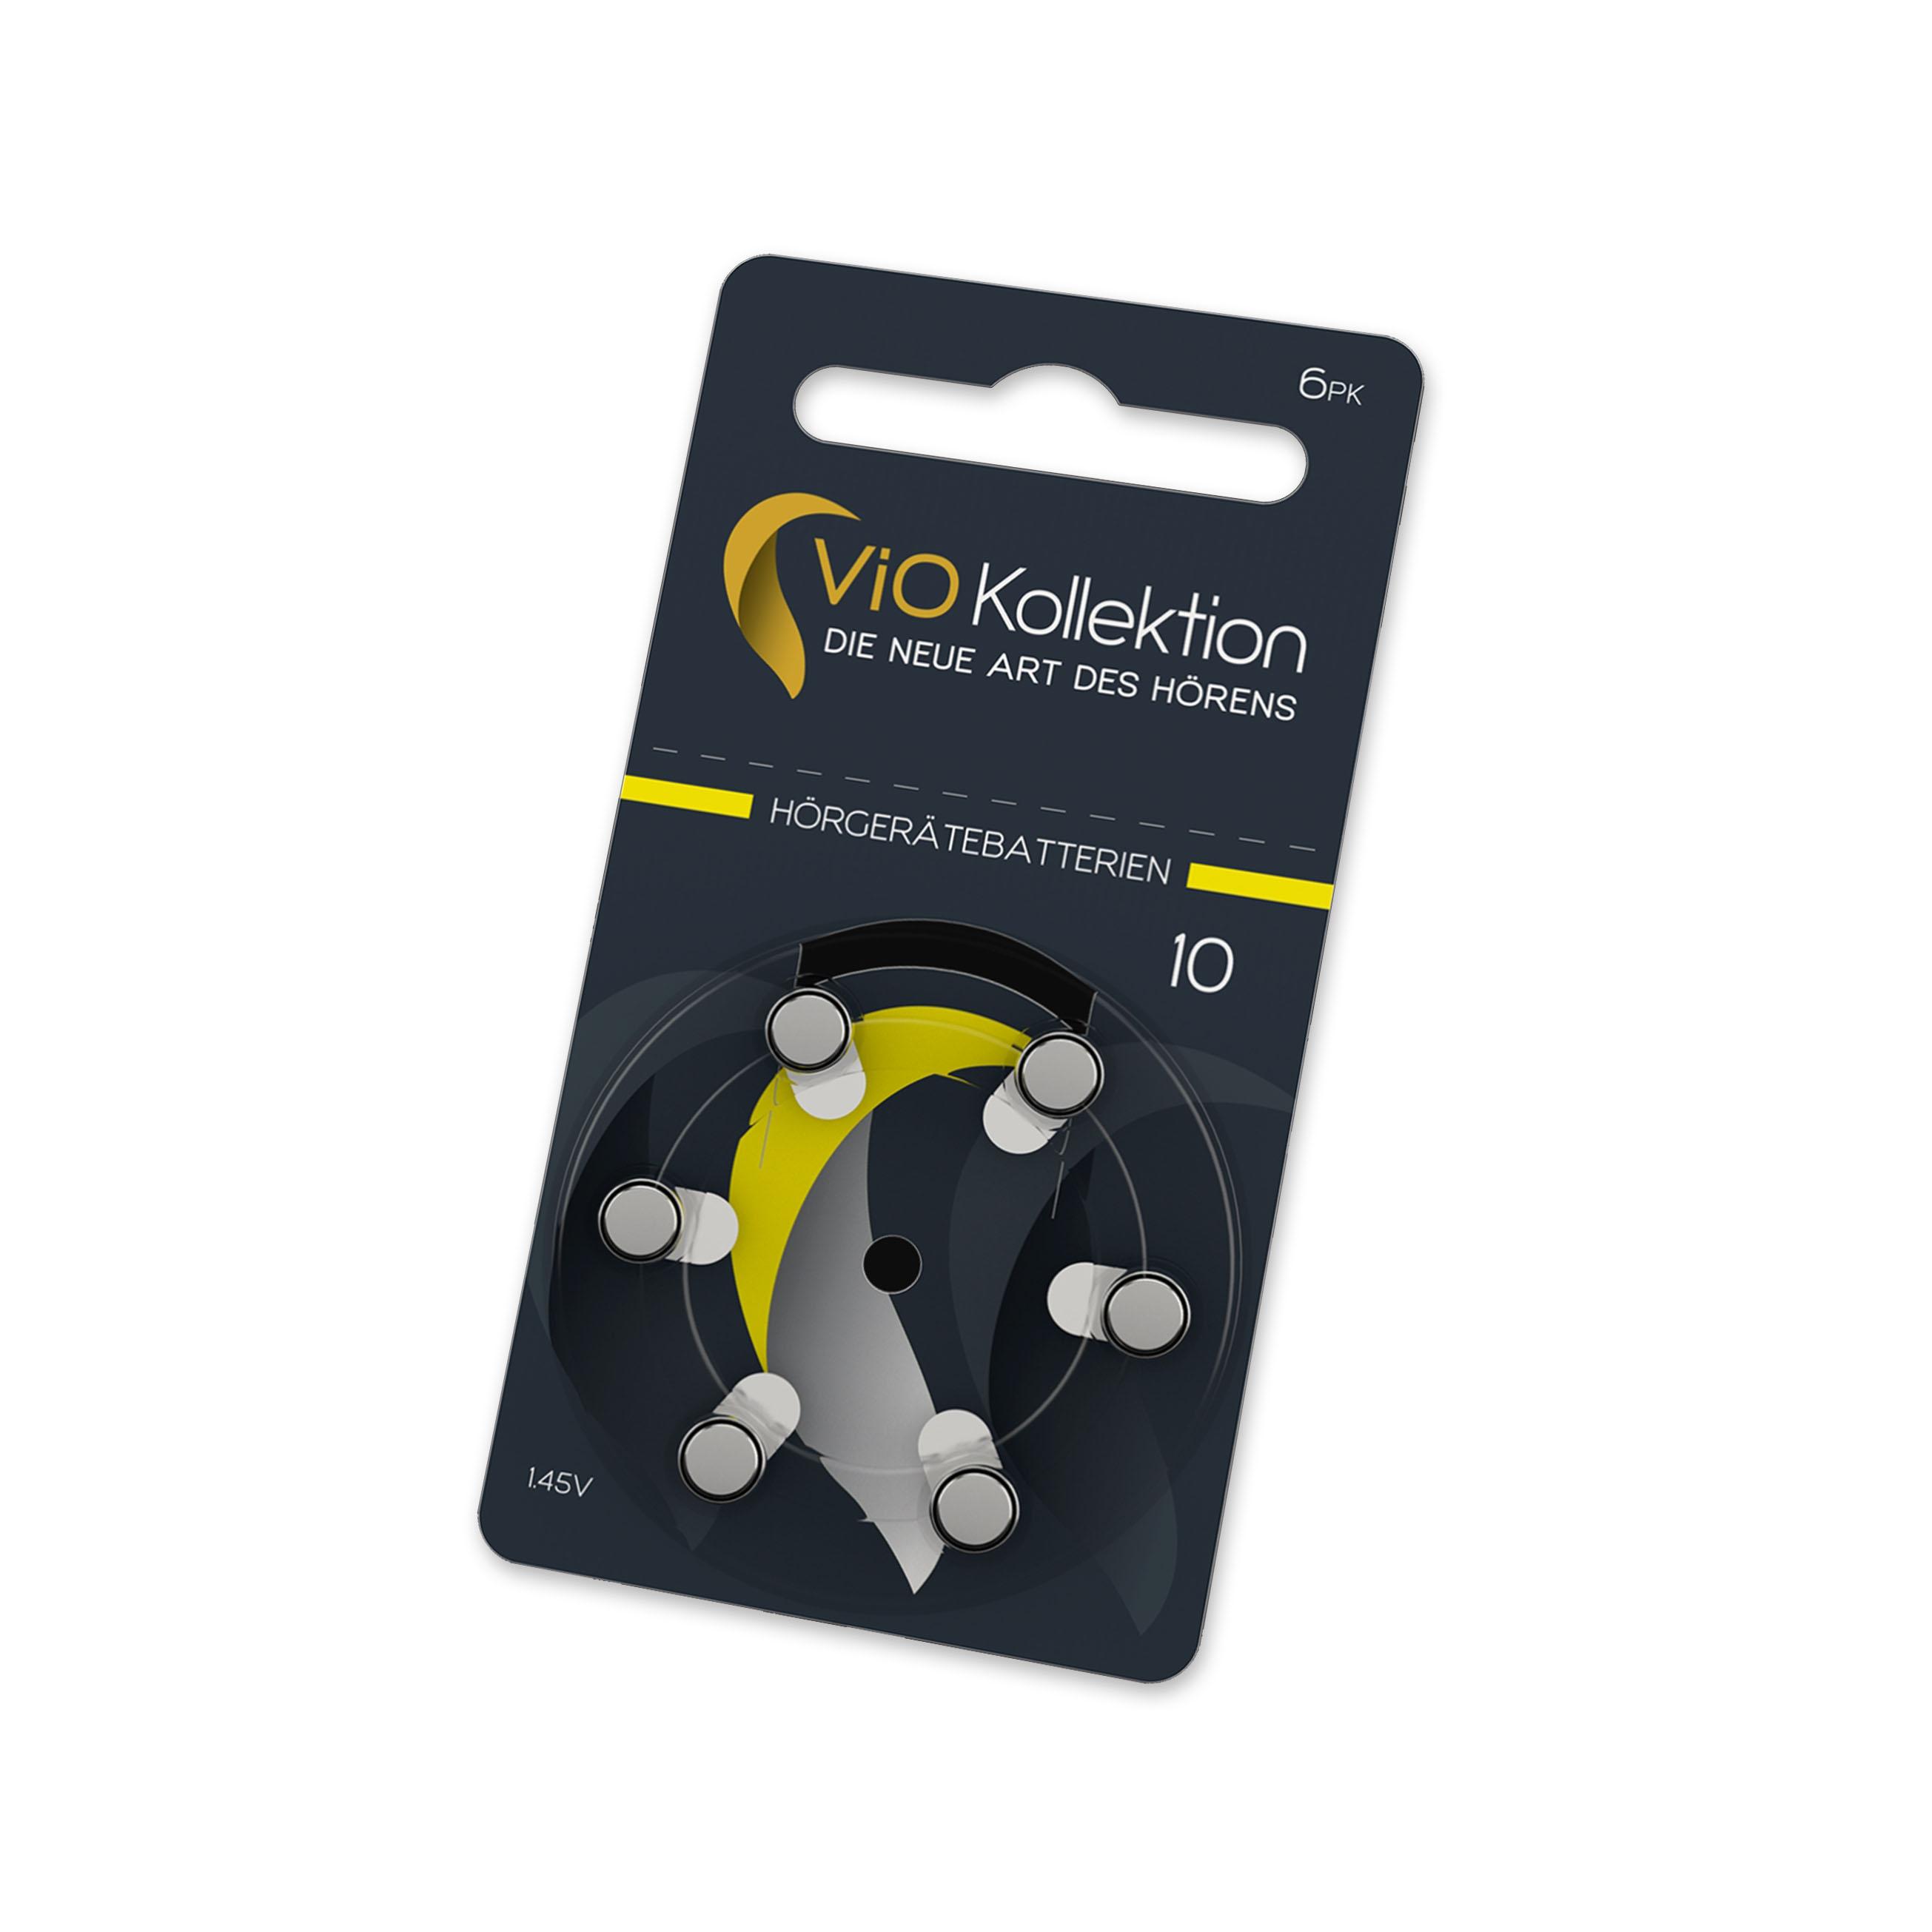 Hörgeräte Batterie ZL10